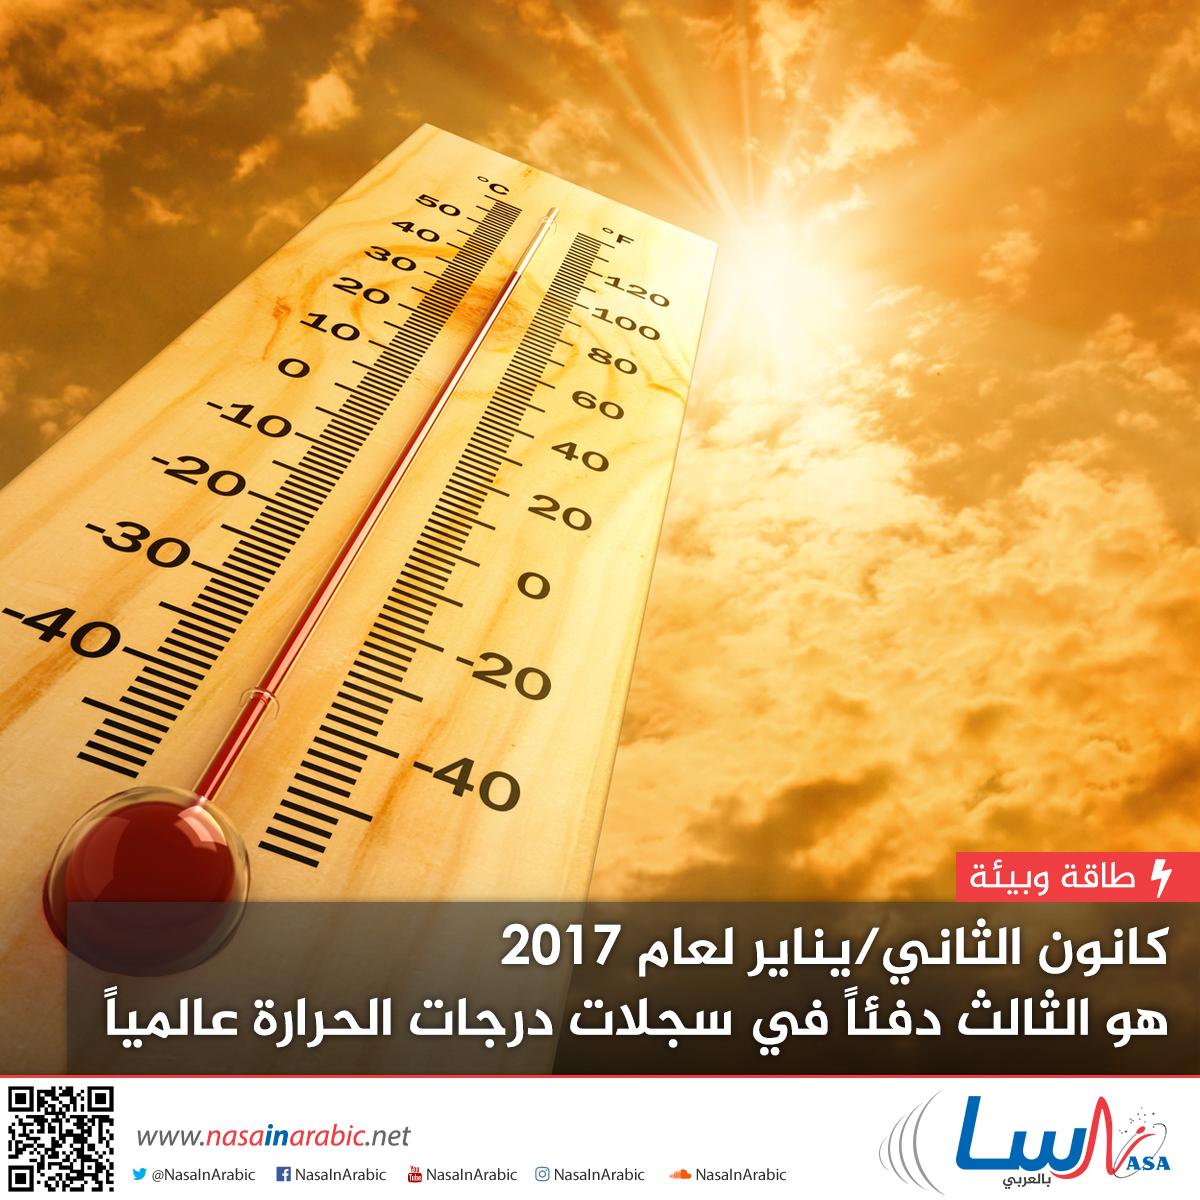 كانون الثاني/يناير لعام 2017 هو الثالث دفئاً في سجلات درجات الحرارة عالمياً